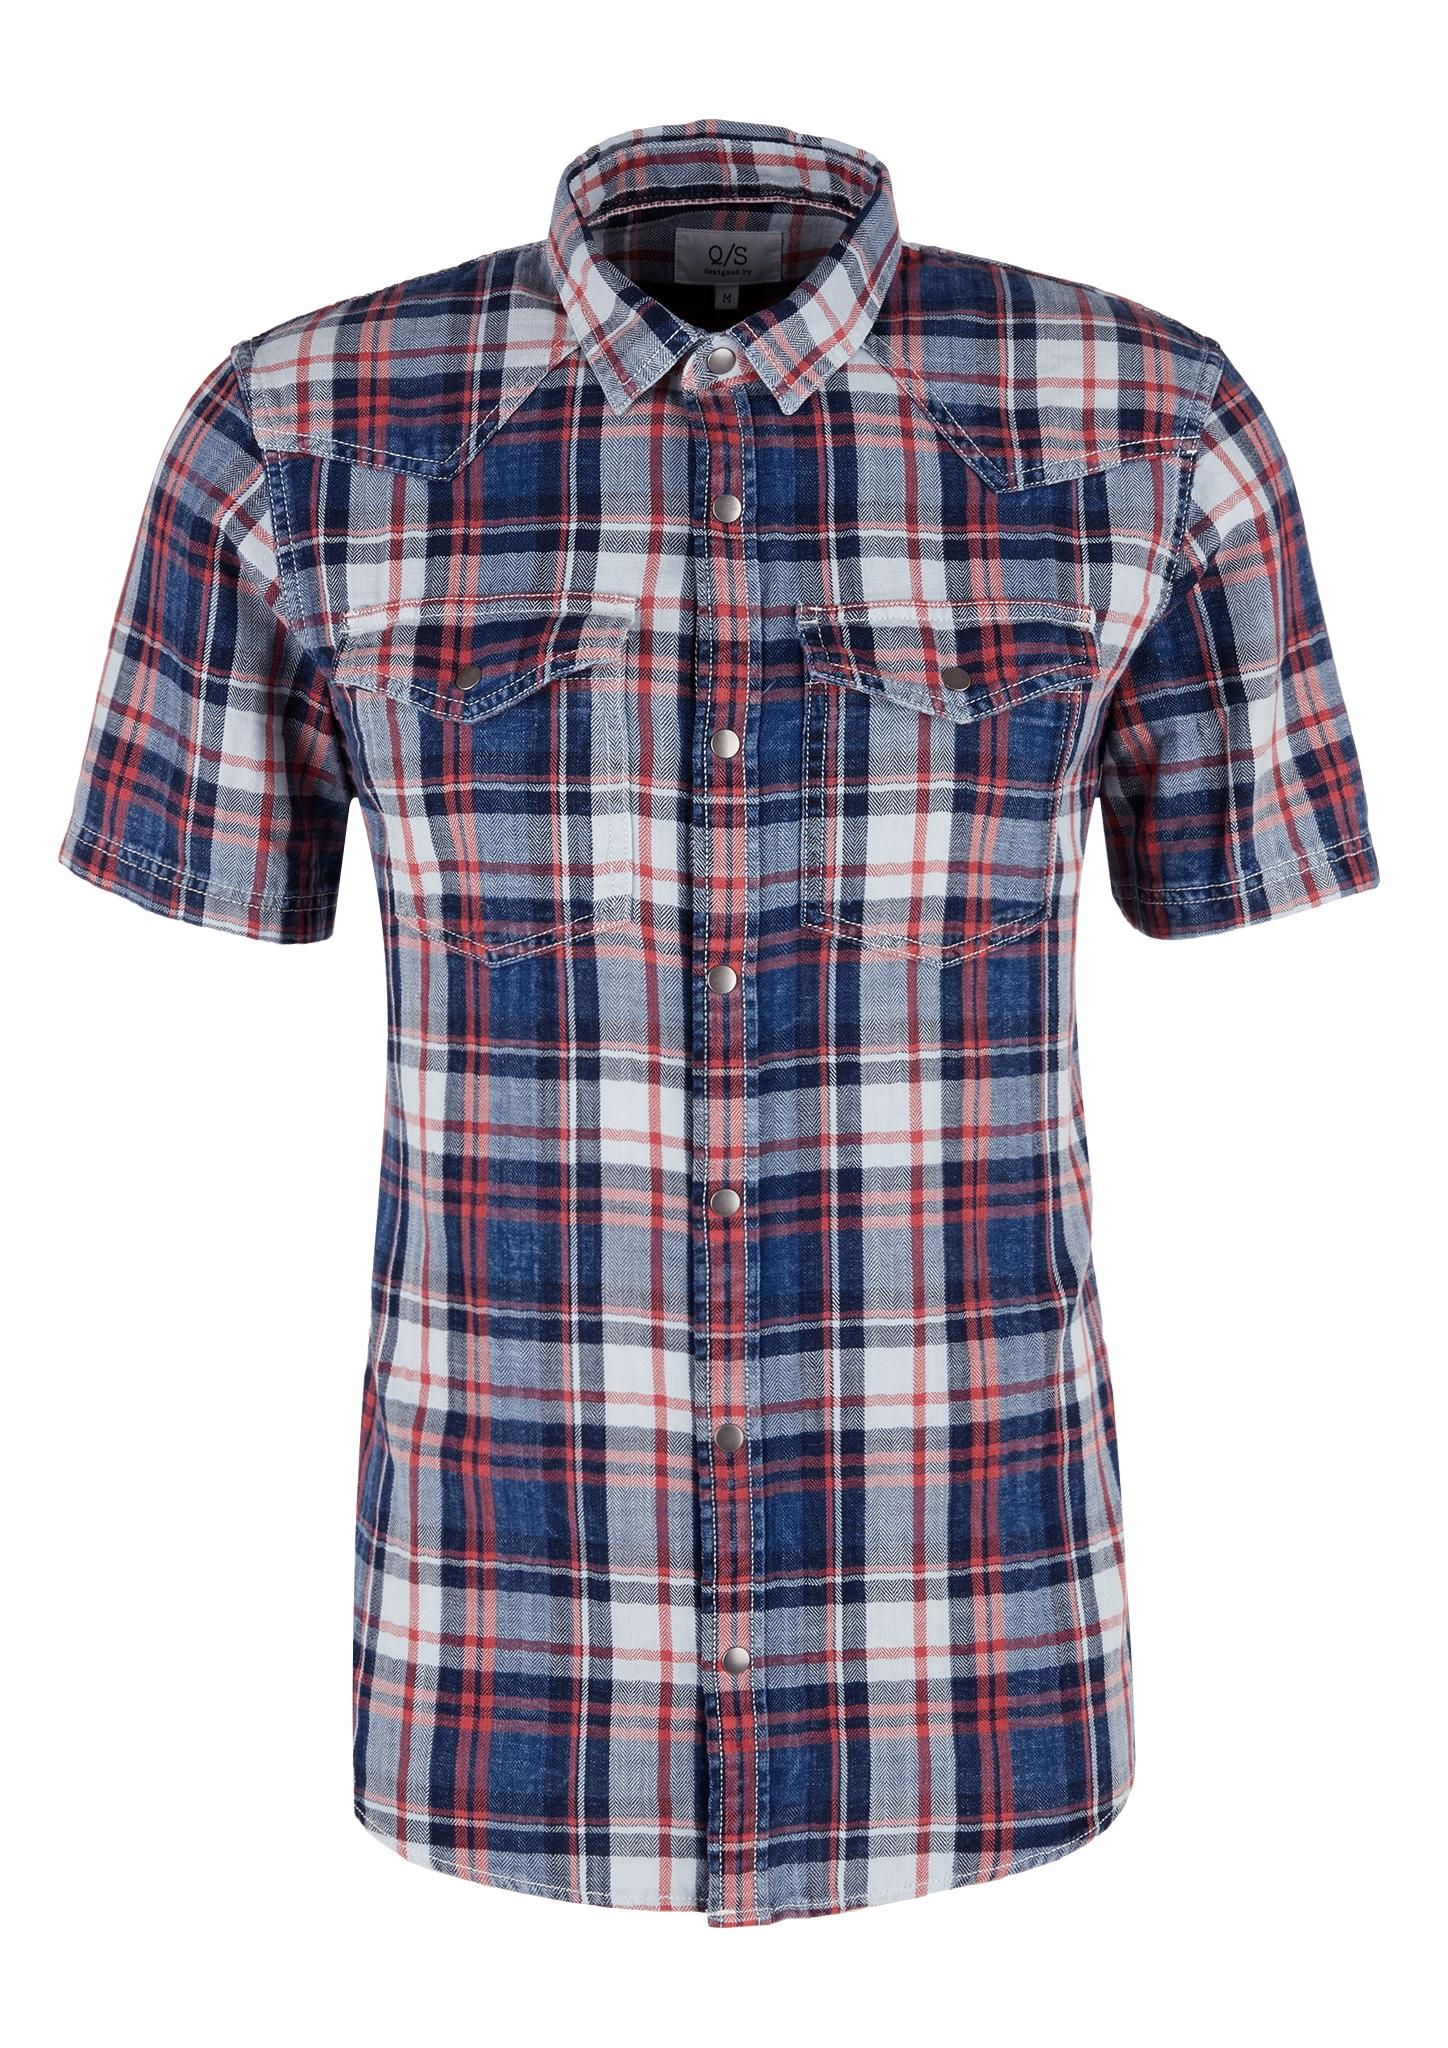 Karohemd | Bekleidung > Hemden > Sonstige Hemden | Blau | 100% baumwolle | Q/S designed by